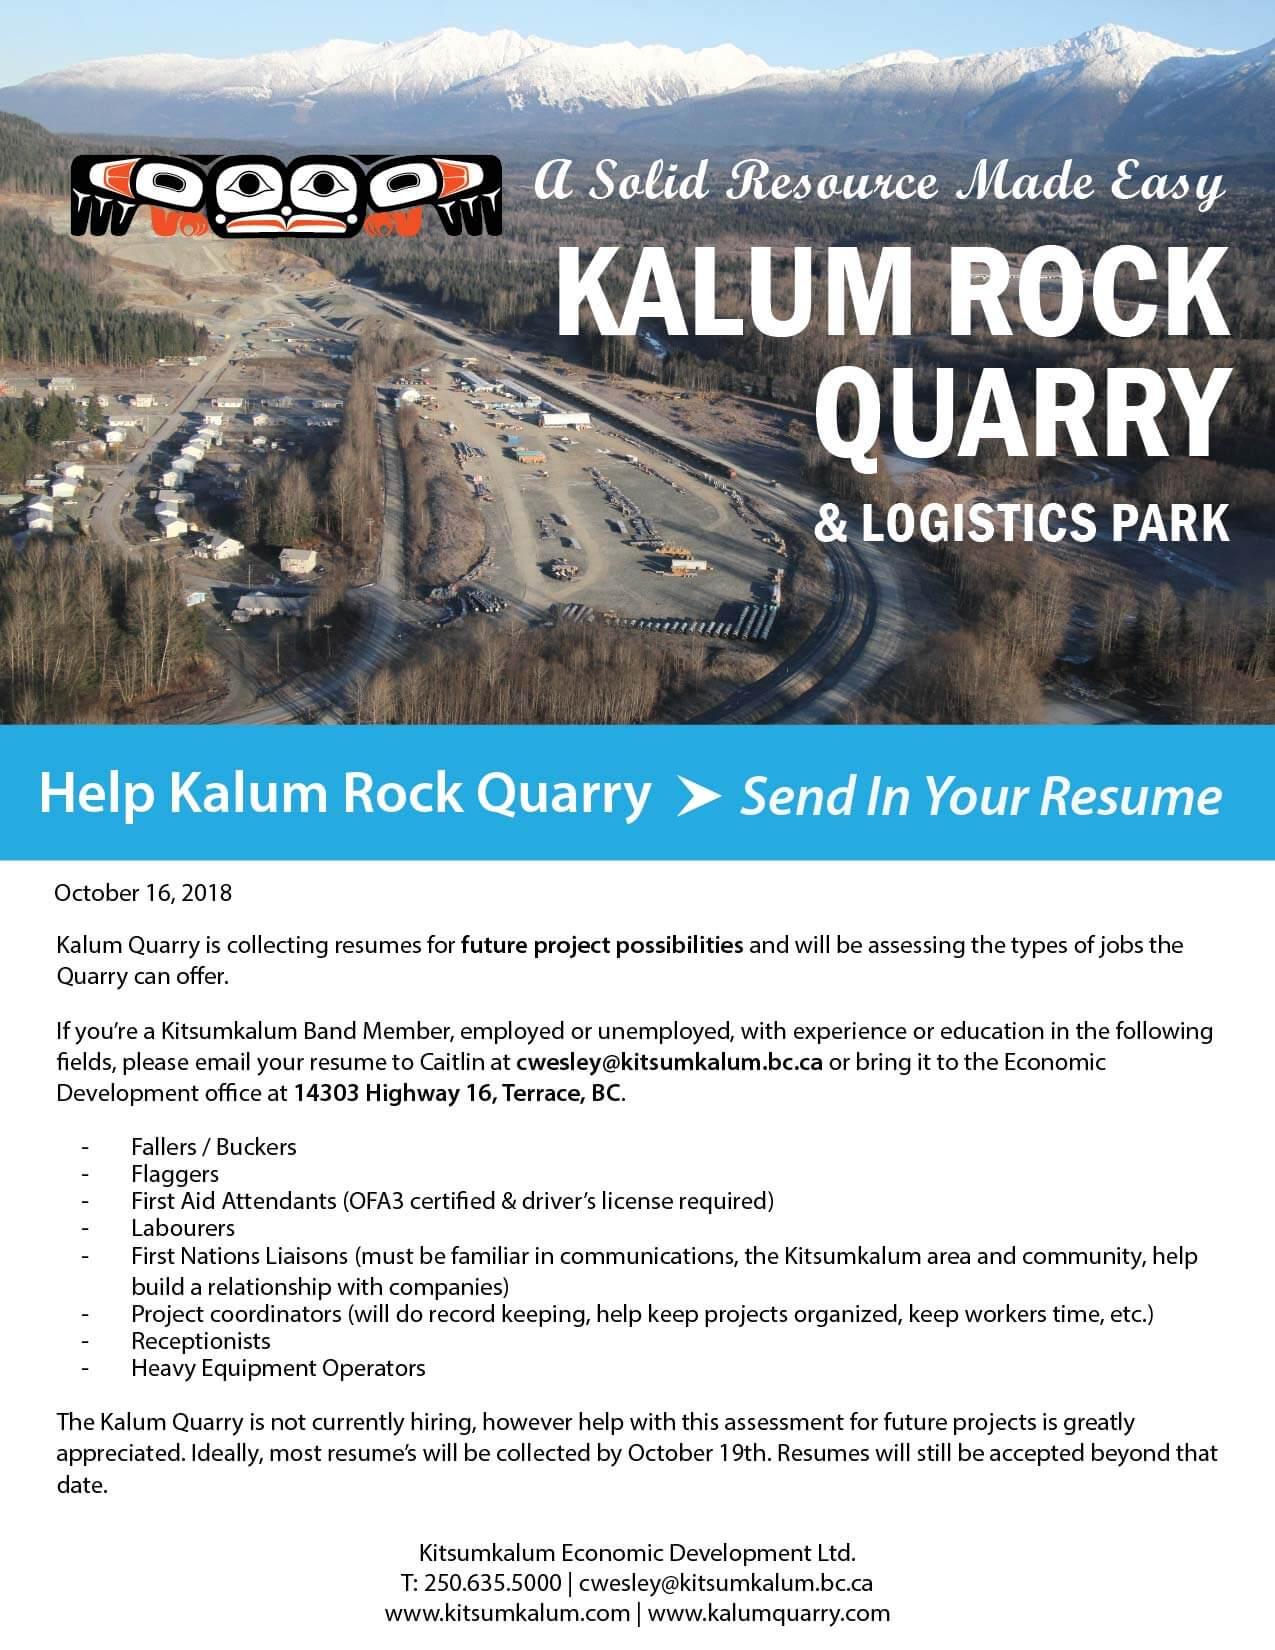 Send in Your Resume – Kalum Rock Quarry